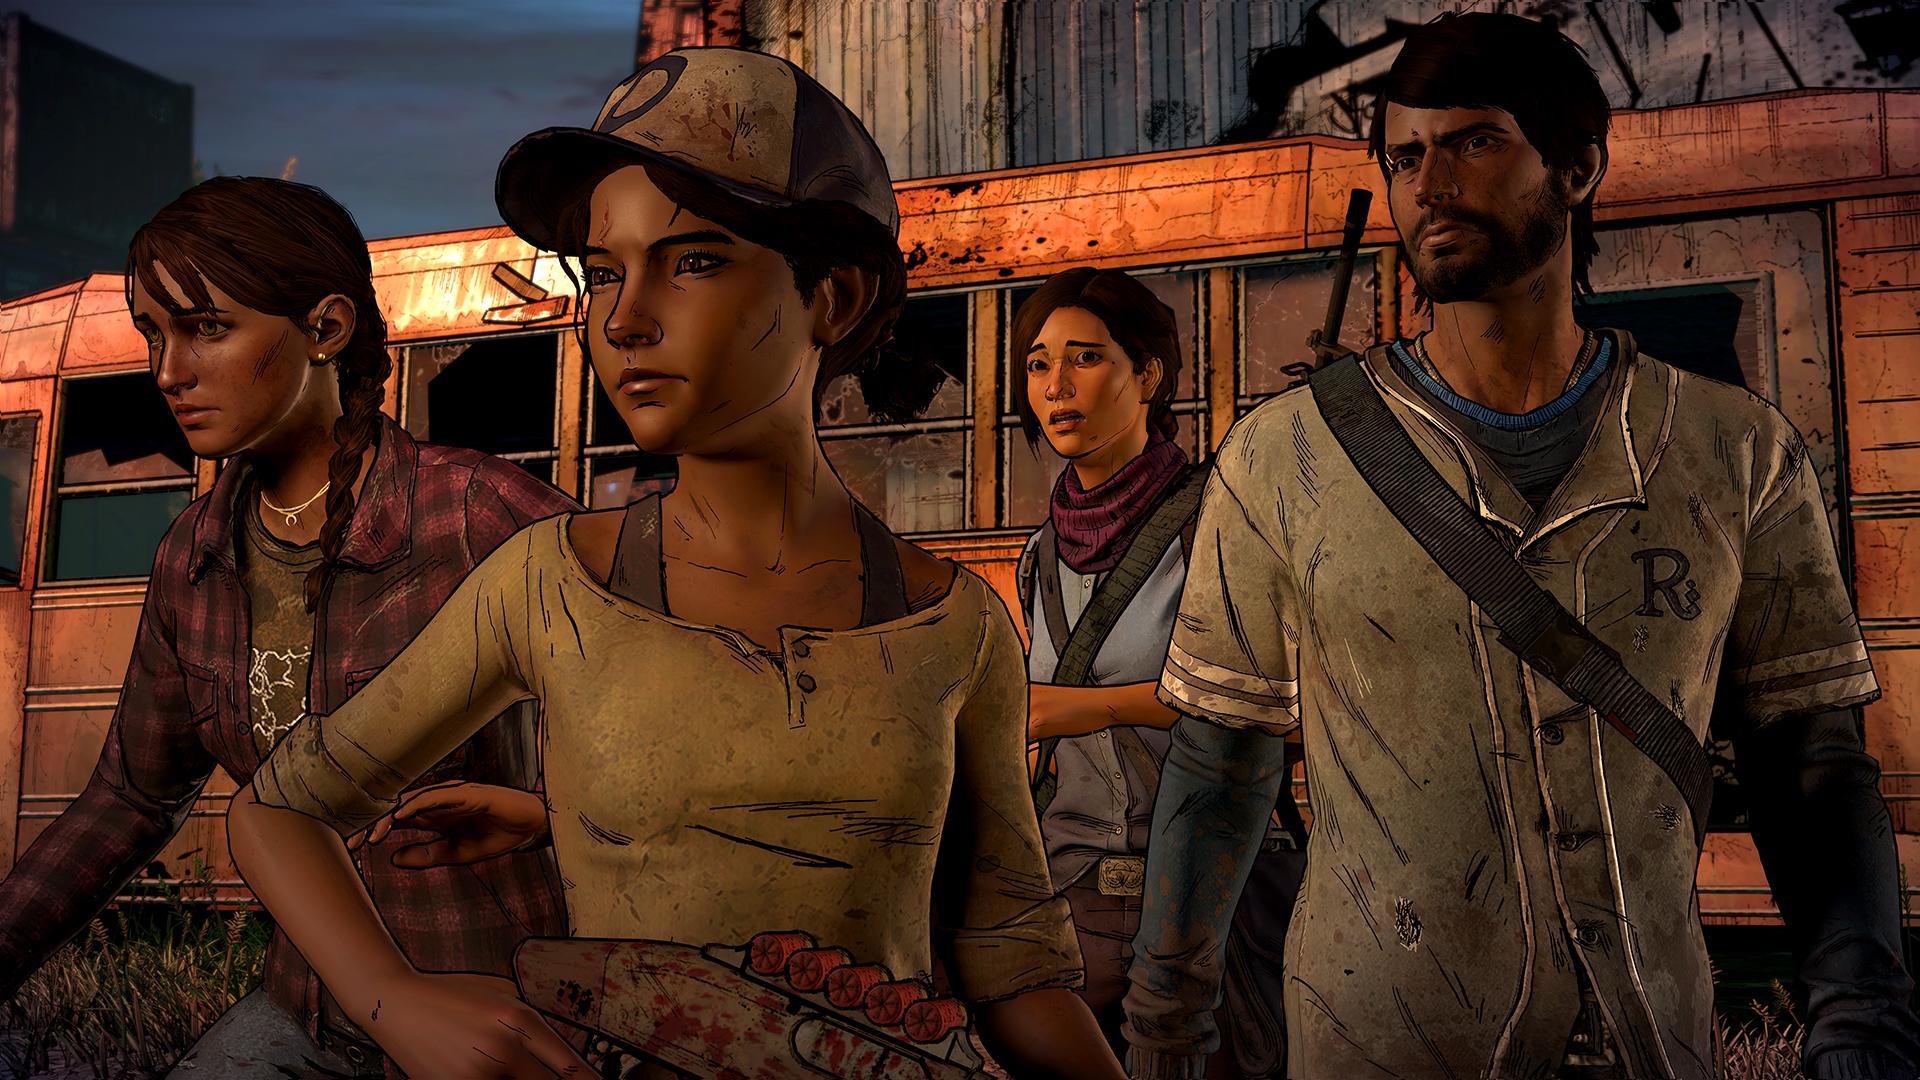 Герои третьего сезона (слева на право): Кейт, Клементина, Элеанора, Хавьер